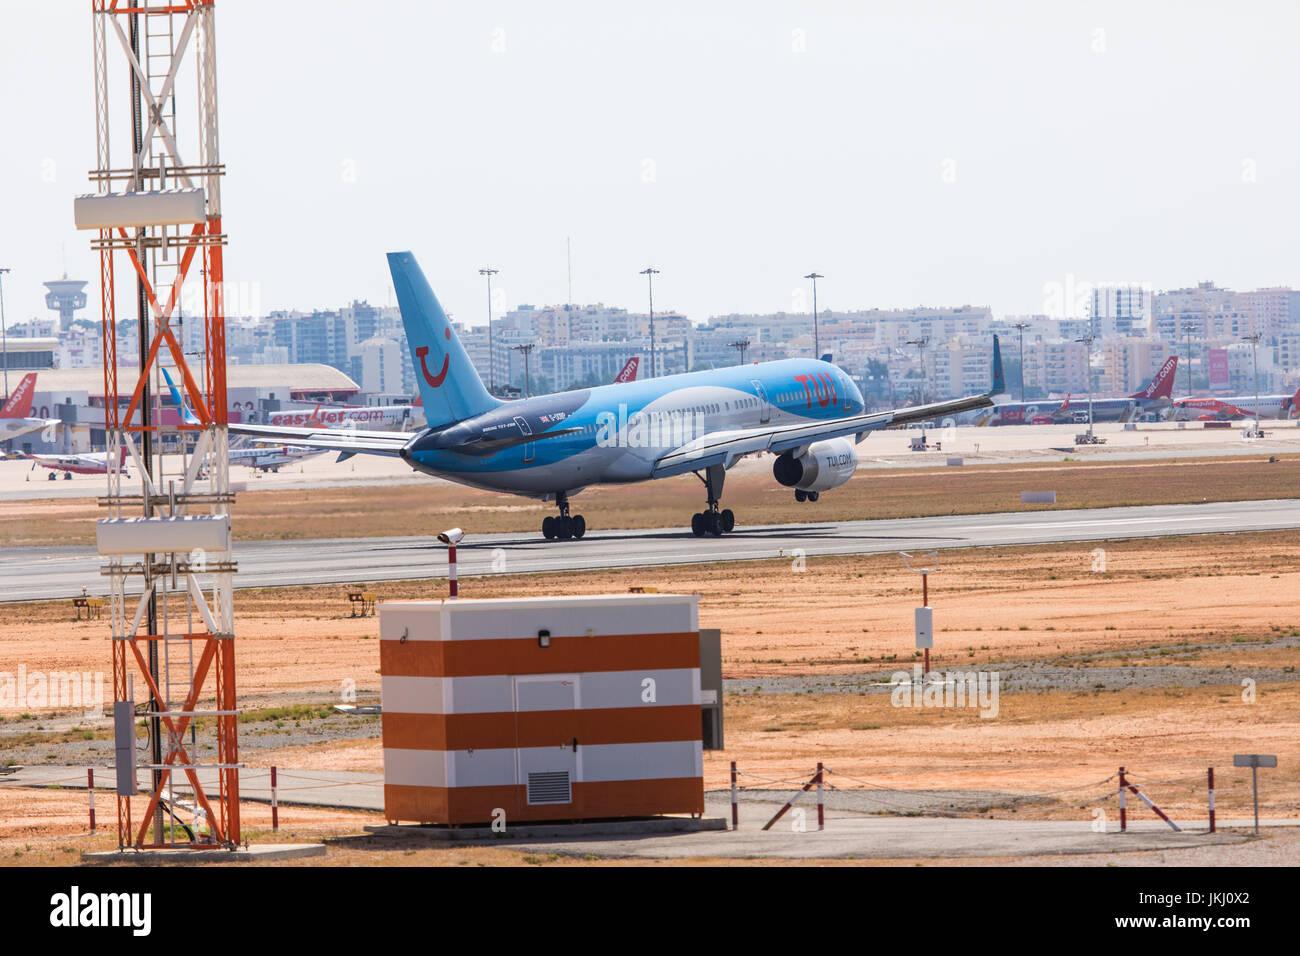 FARO, Portogallo - Juny 18, 2017 : Tui voli aereo atterraggio sull'Aeroporto Internazionale di Faro. Aeroporto Immagini Stock